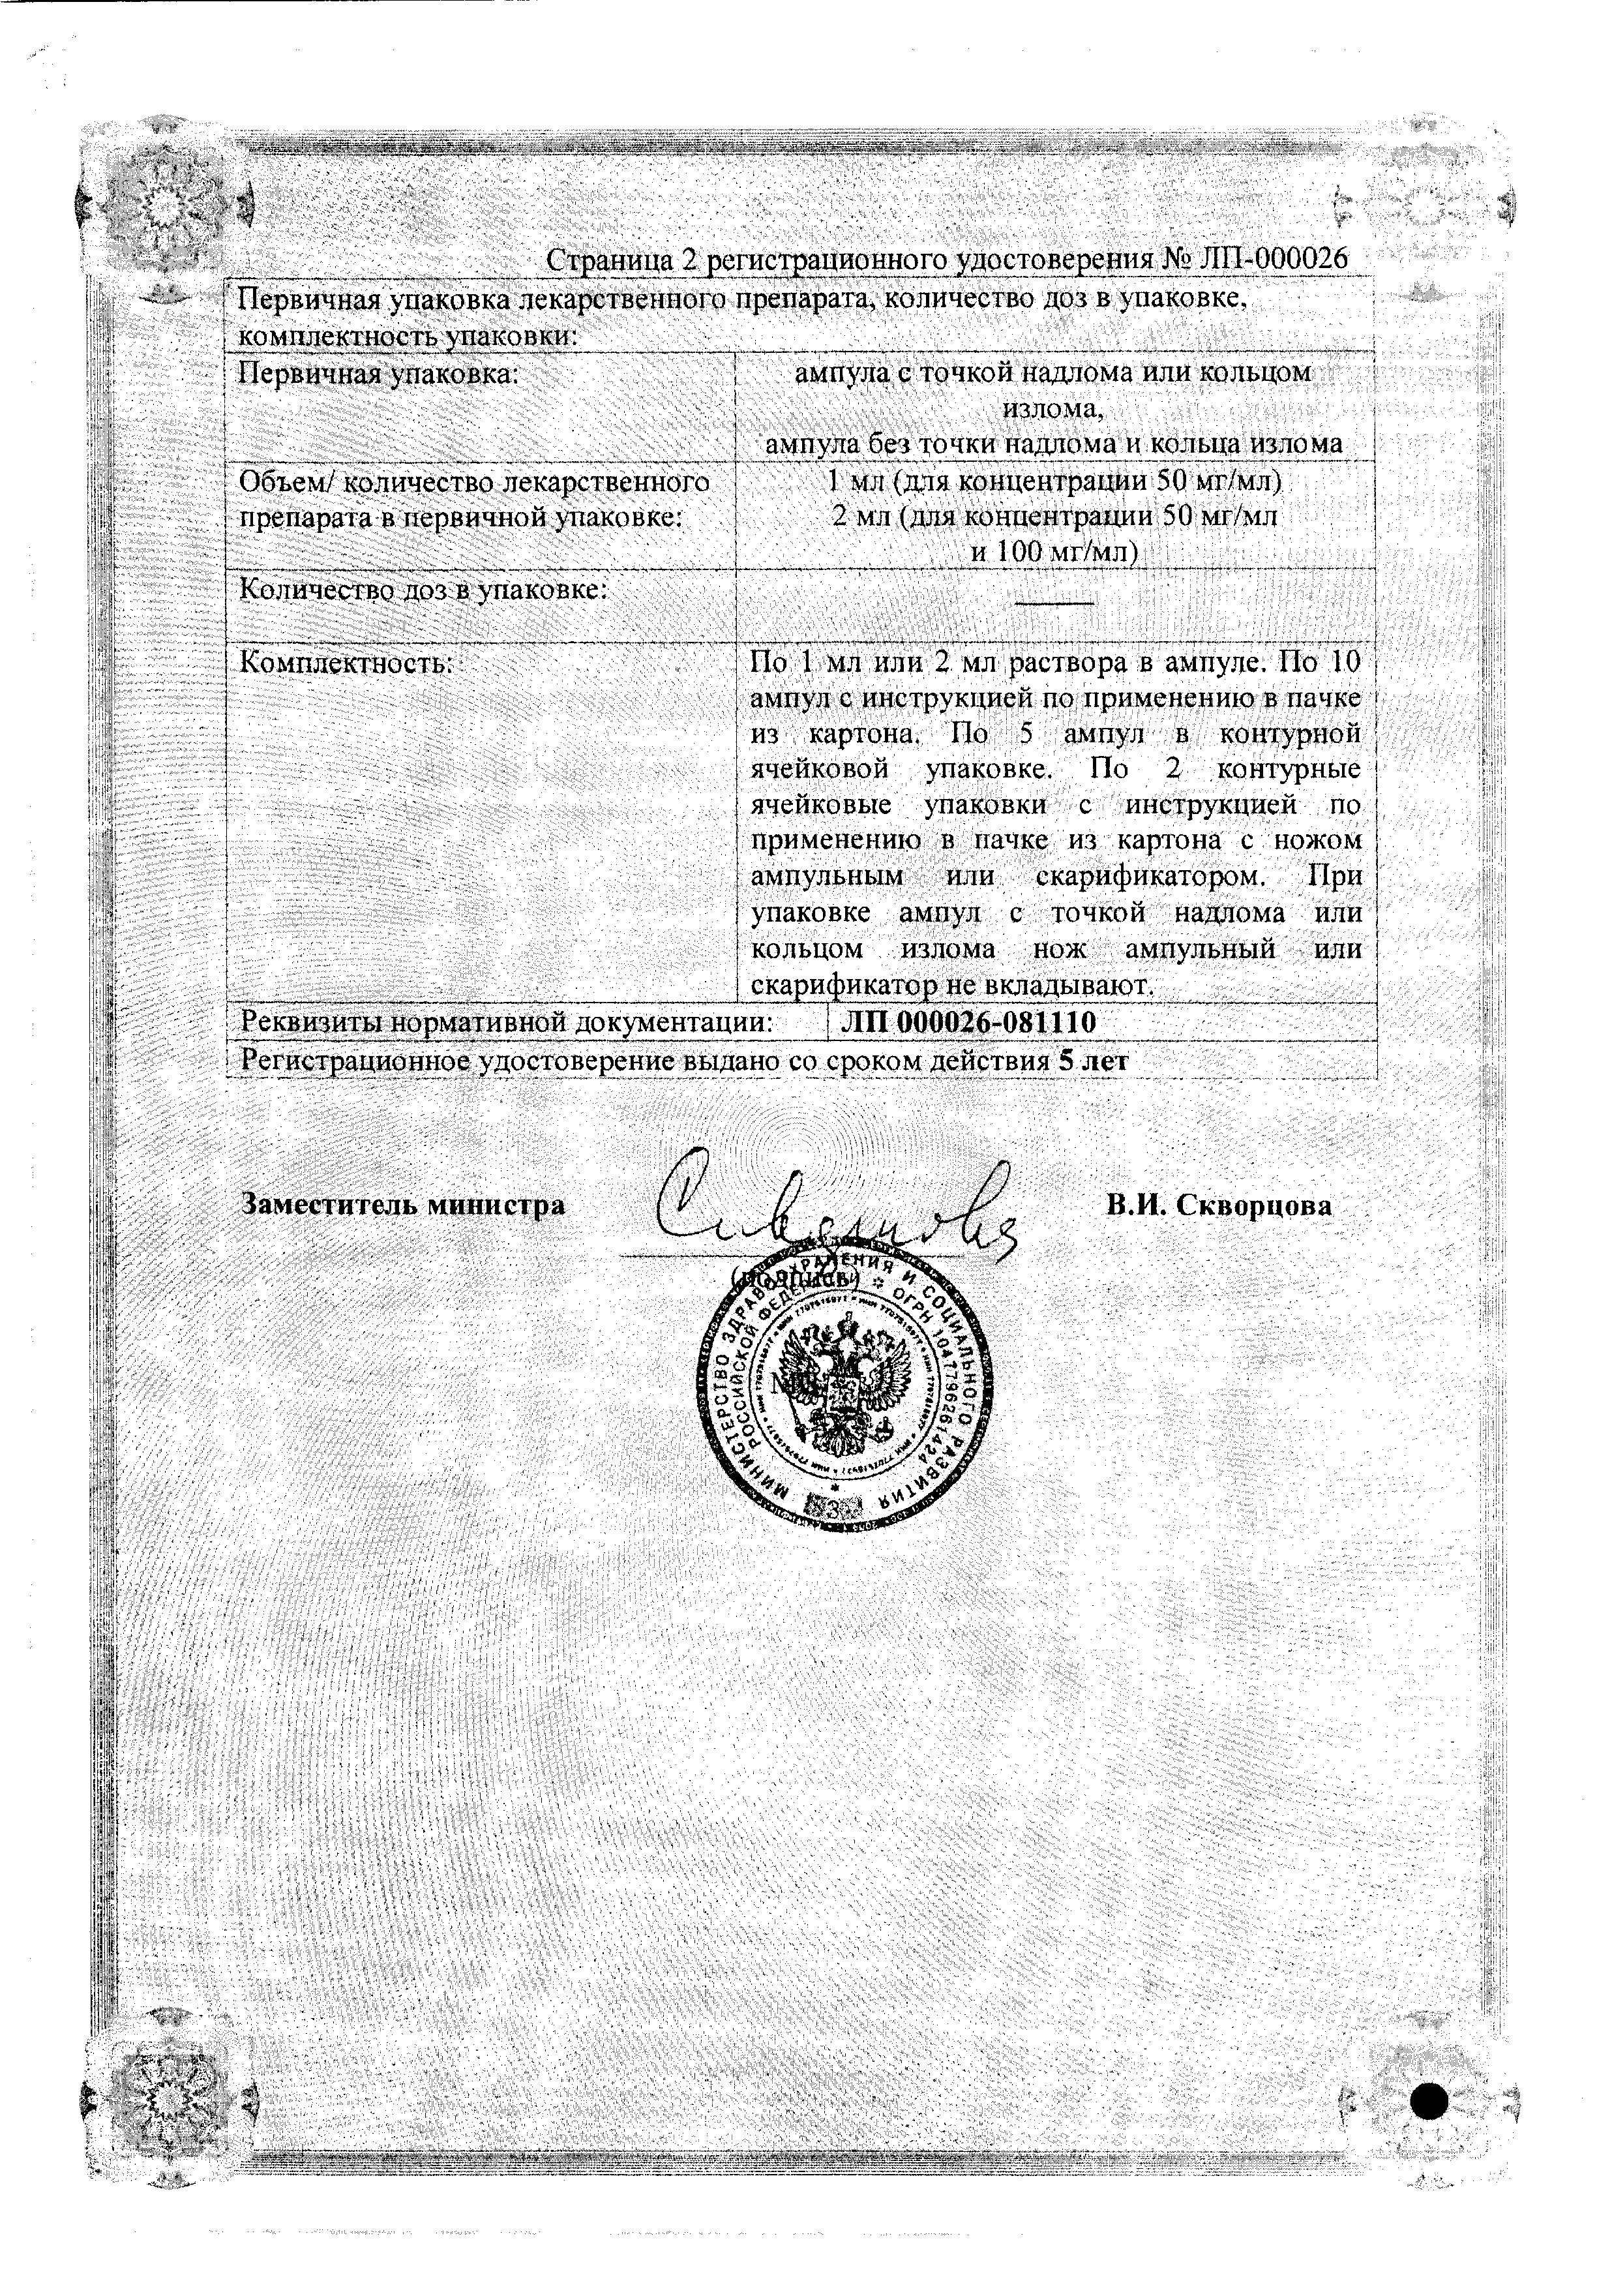 Аскорбиновая кислота (для инъекций) сертификат